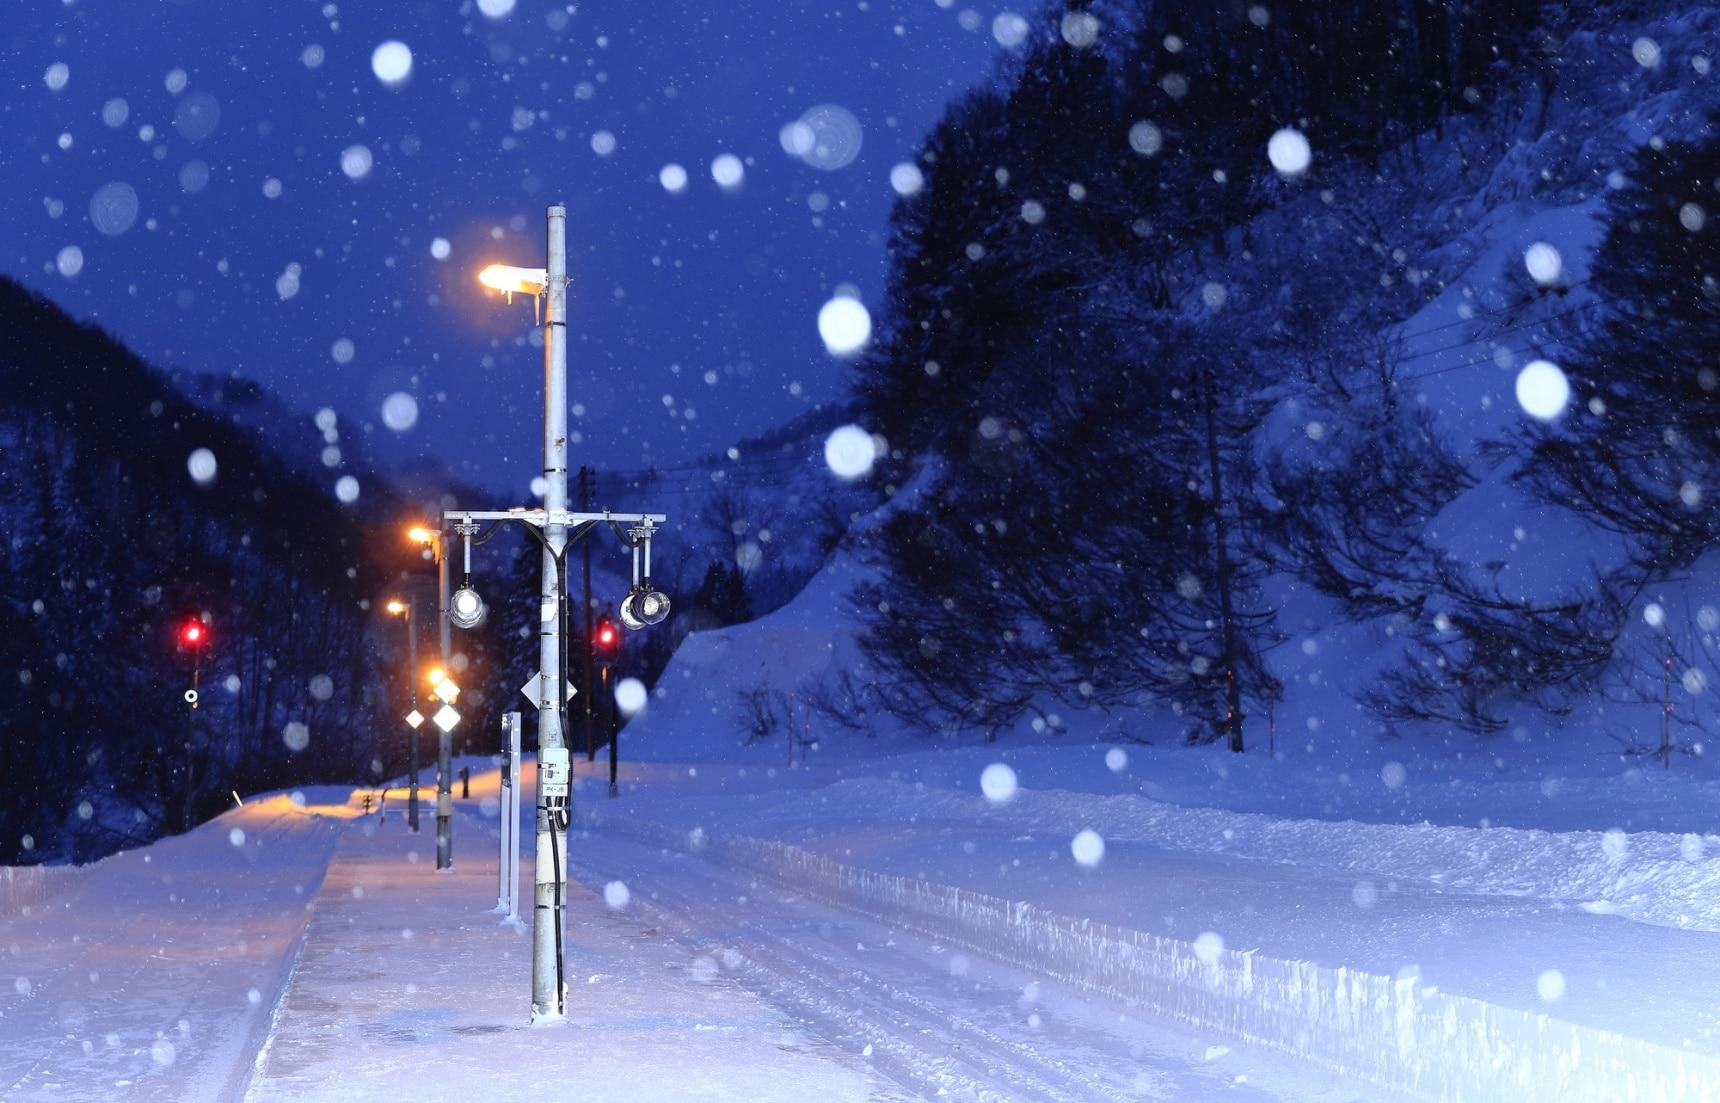 鐵道迷注意!搭乘日本地方路線走訪冬季限定的雪地絕景